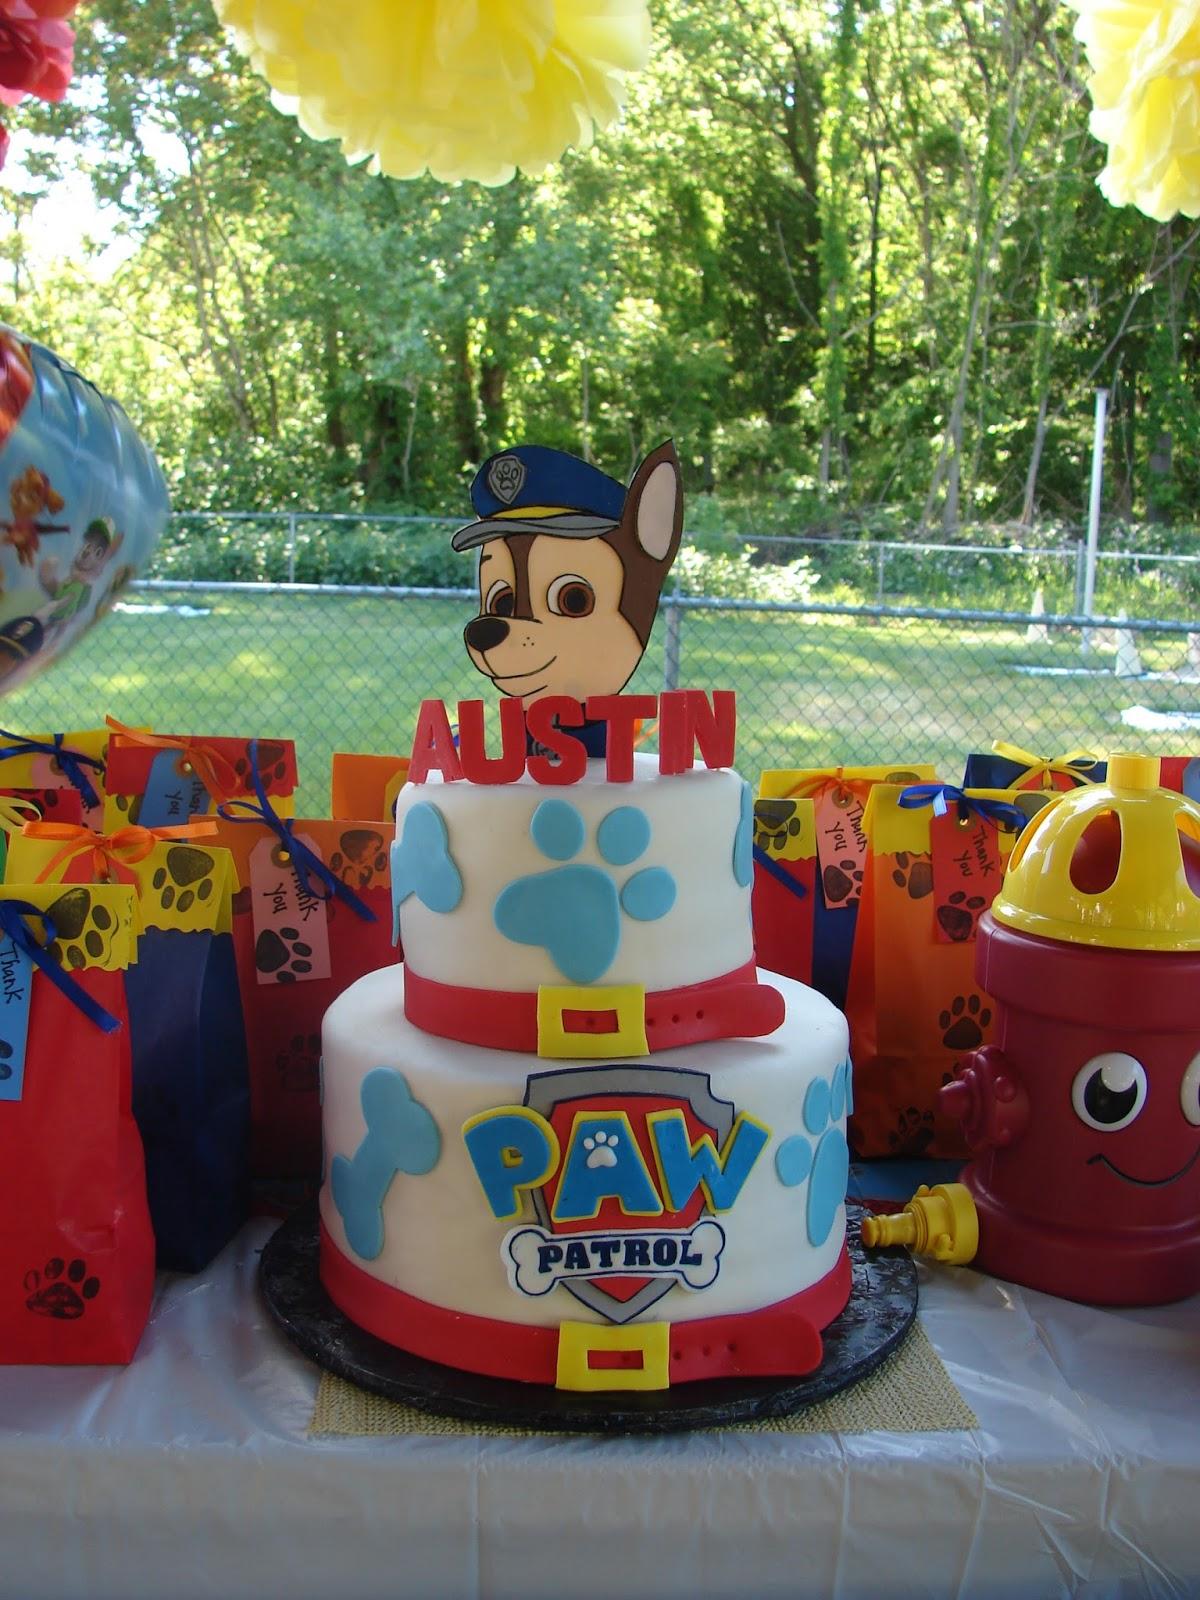 Paw Patrol Cake Was Amazing